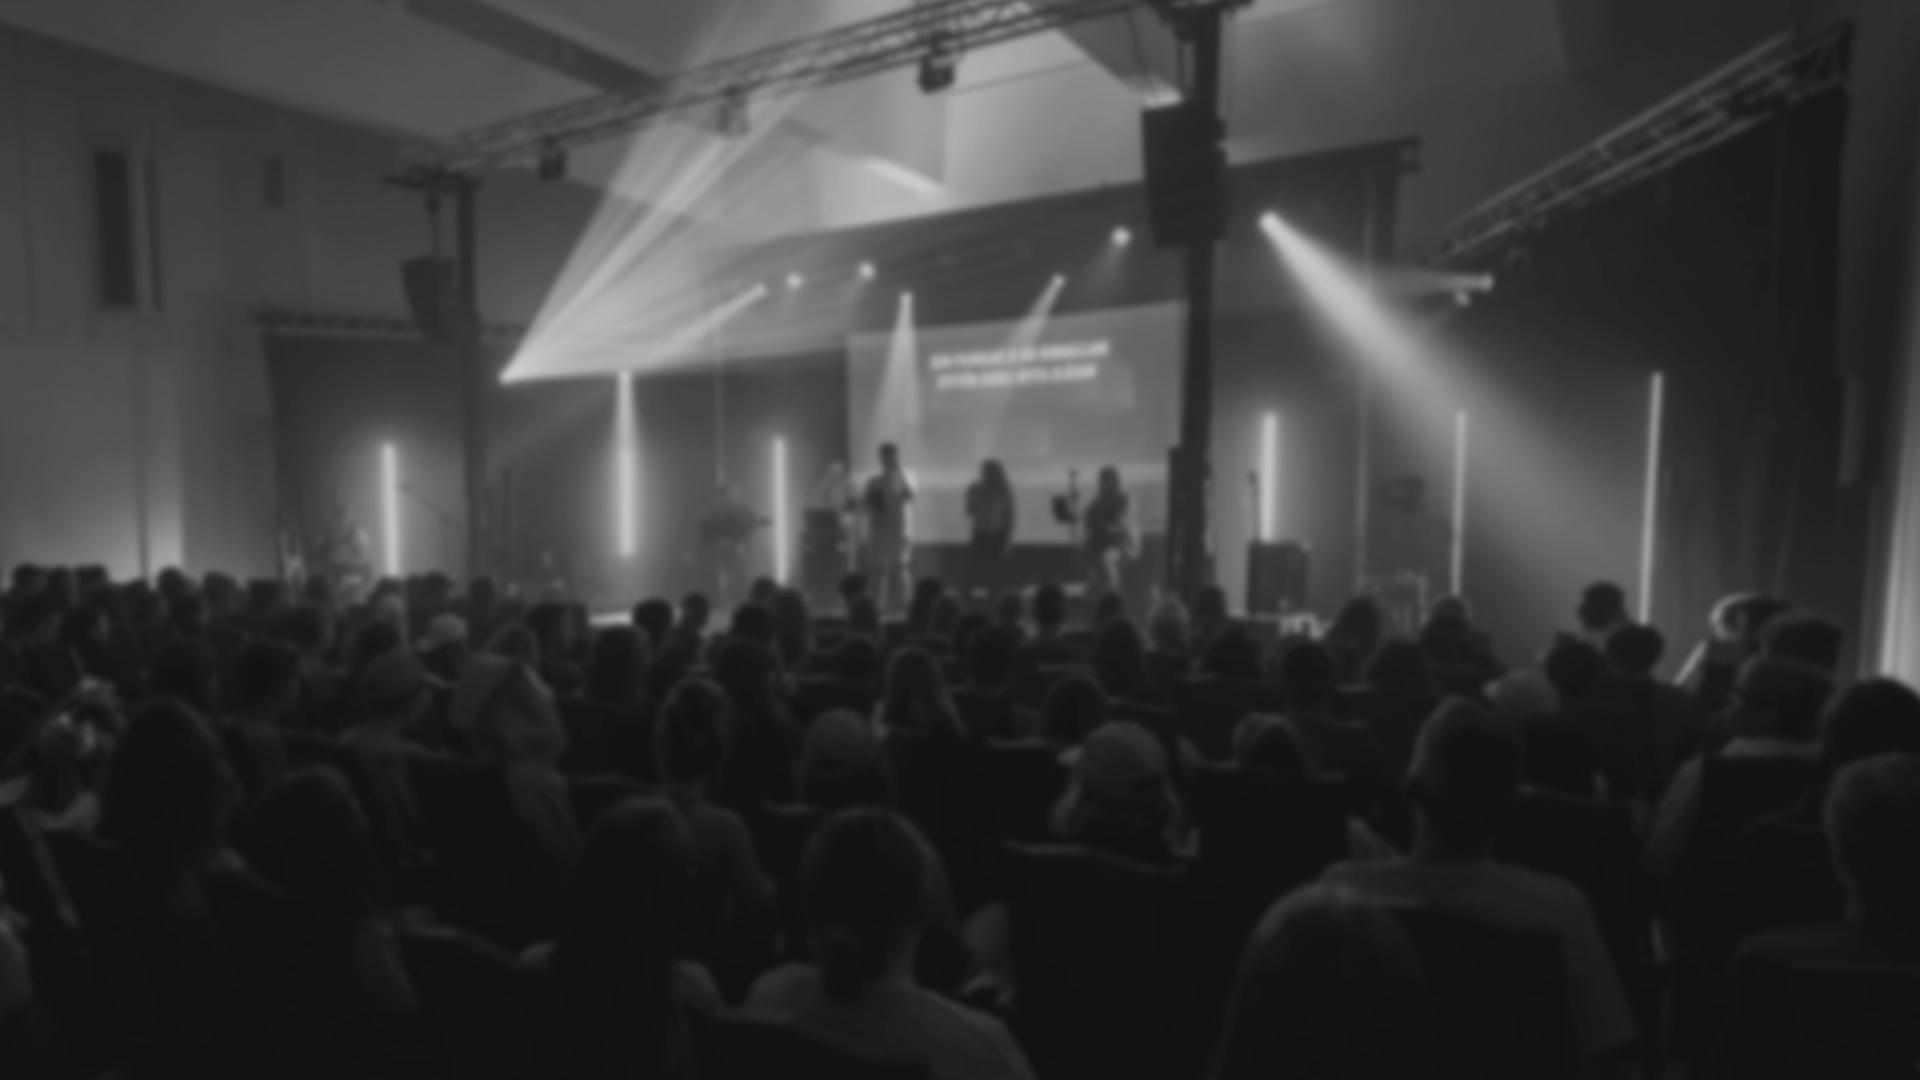 Lahden seurakuntayhtymä